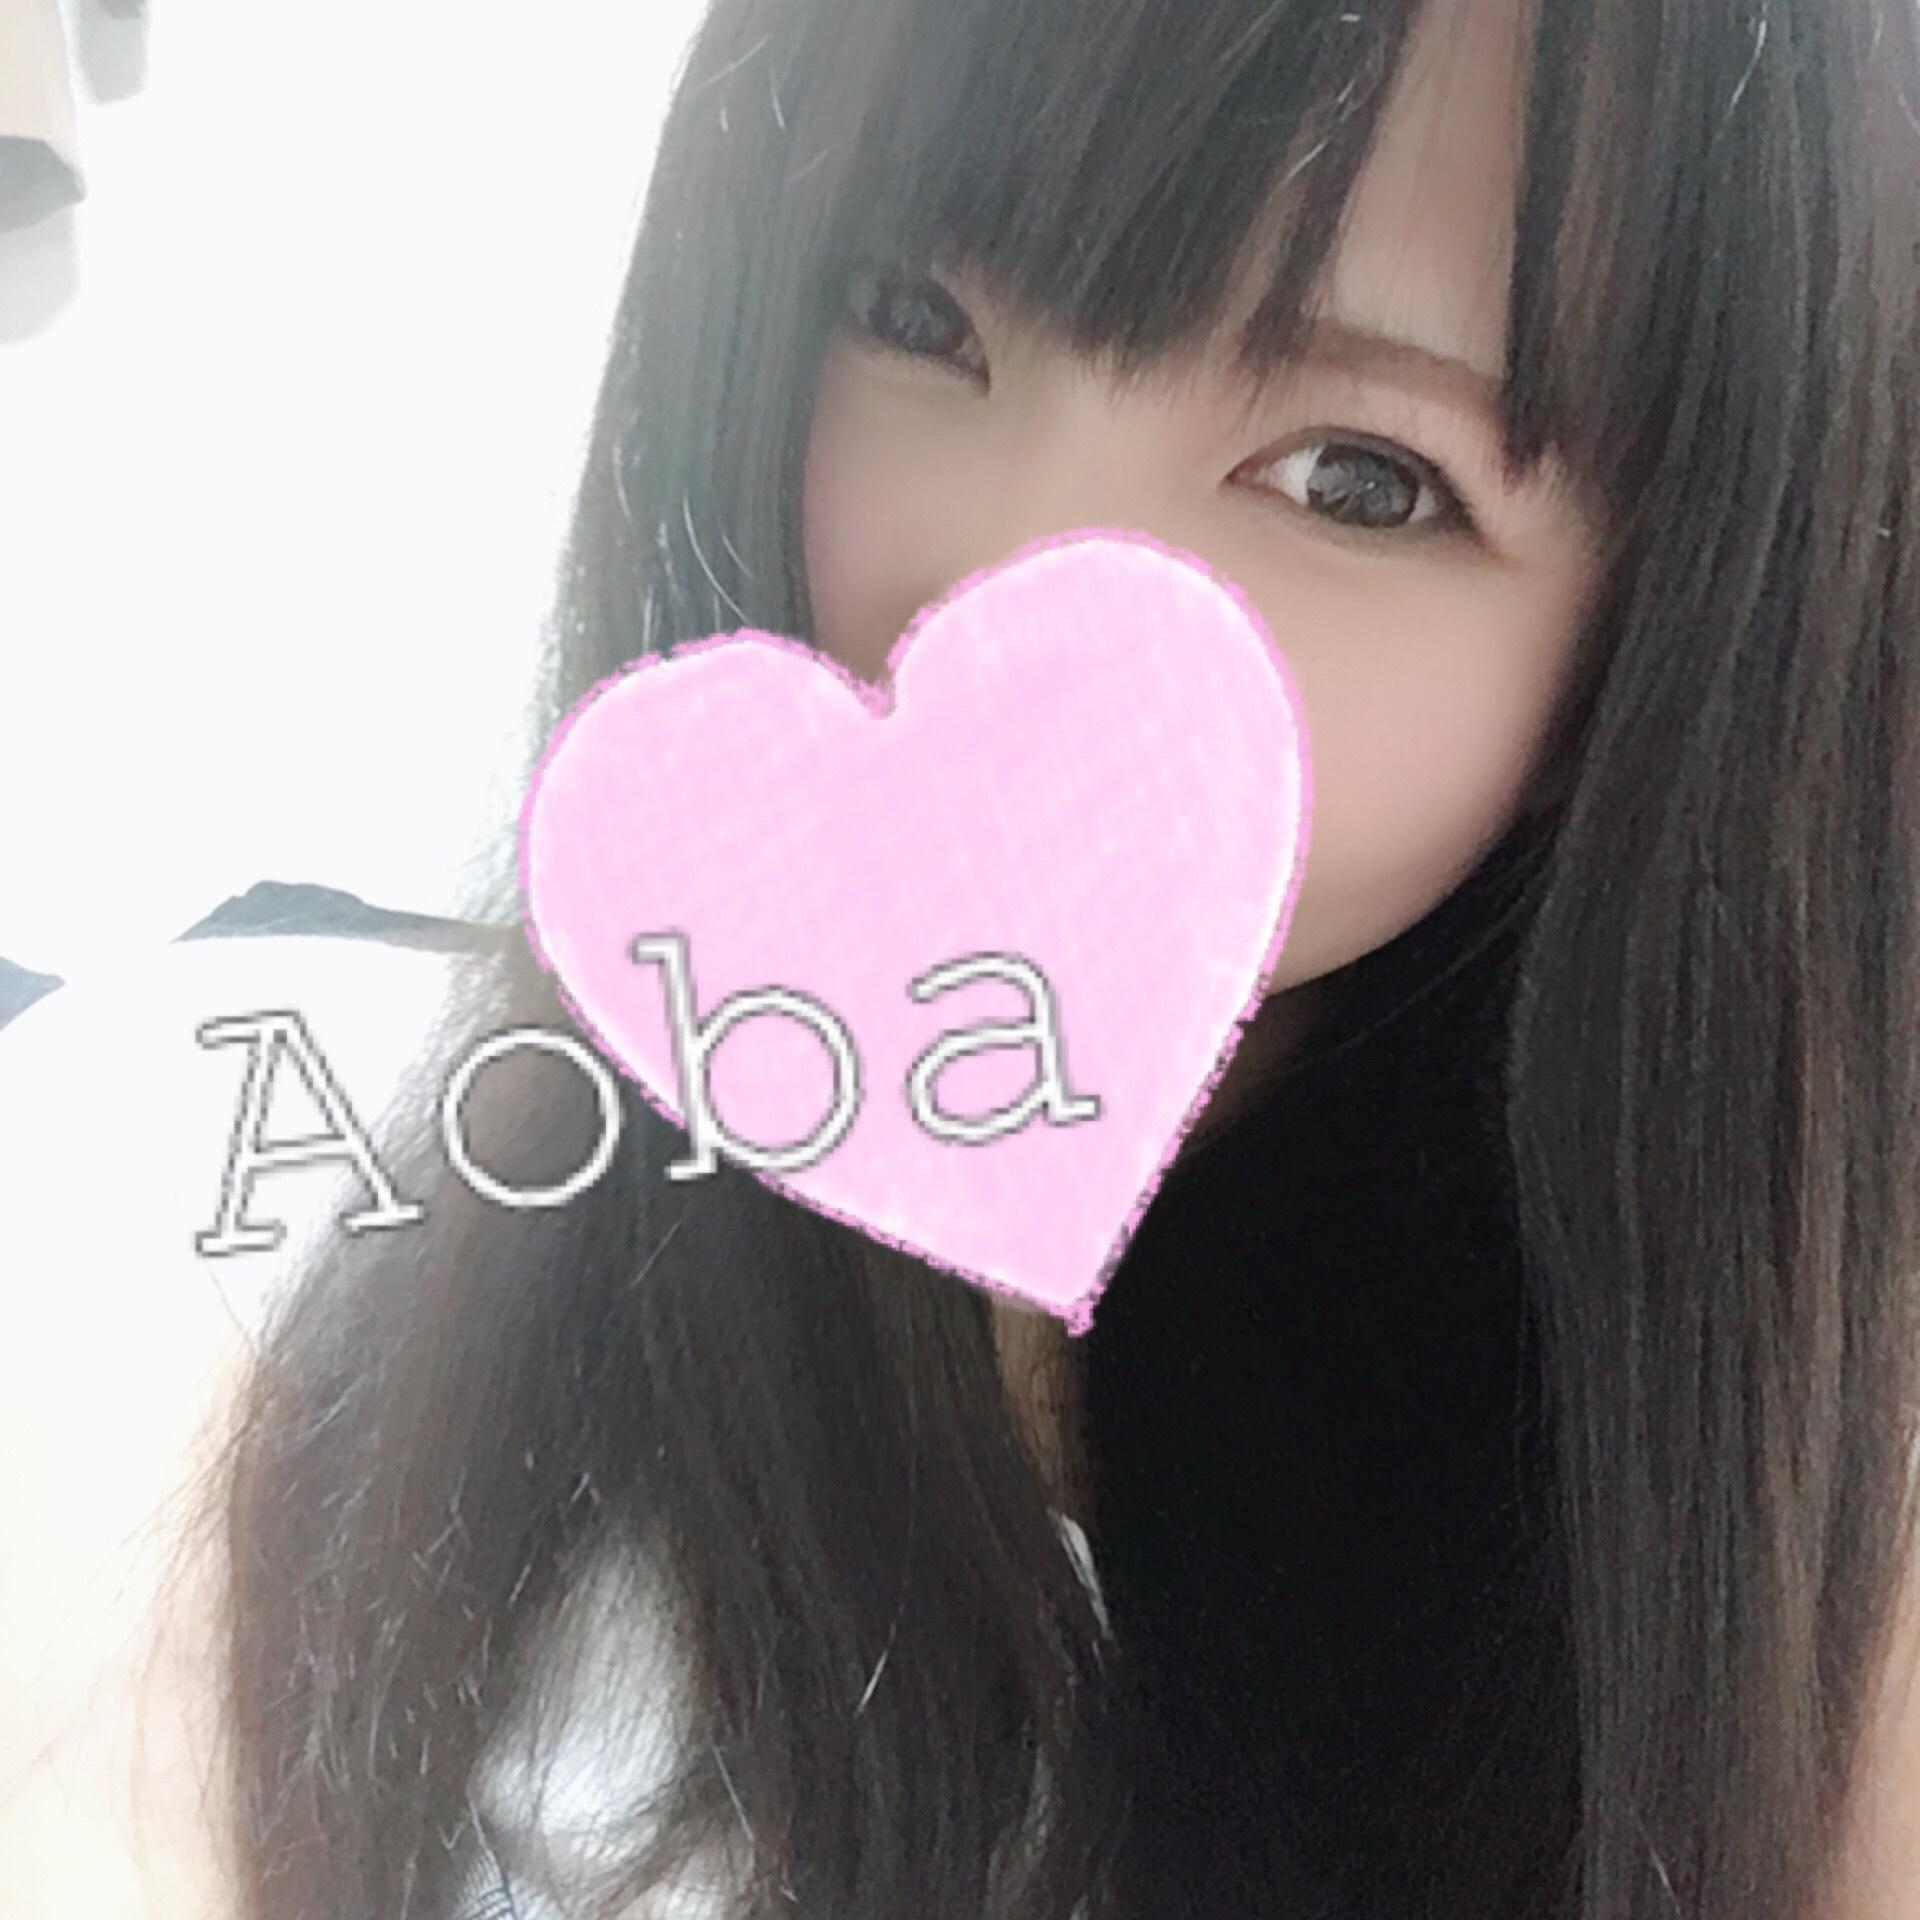 「出勤しましたー♡」11/10(11/10) 19:01 | あおばの写メ・風俗動画